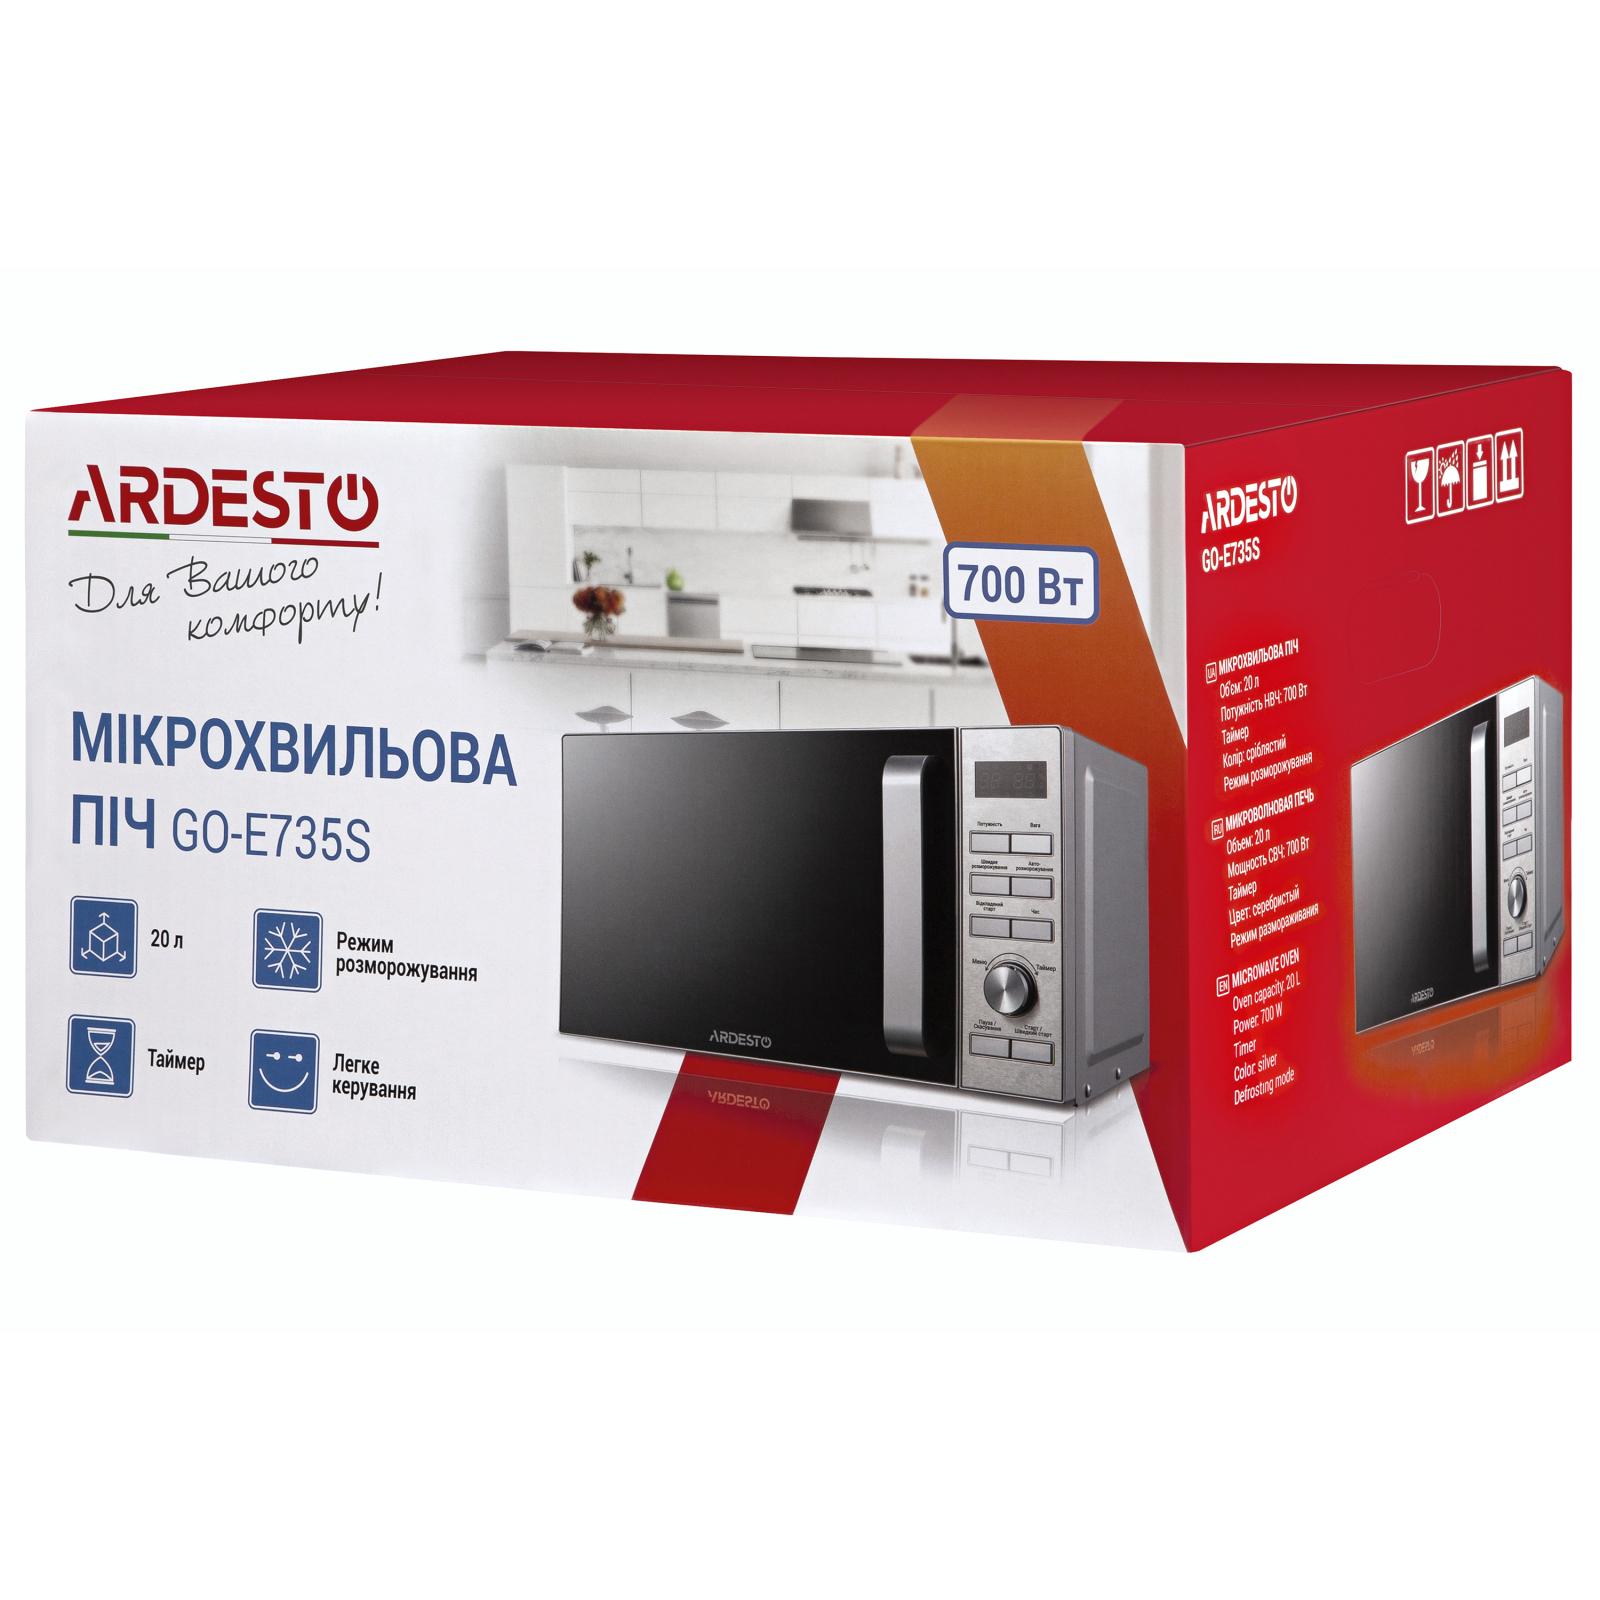 Микроволновая печь Ardesto GO-E735S изображение 4